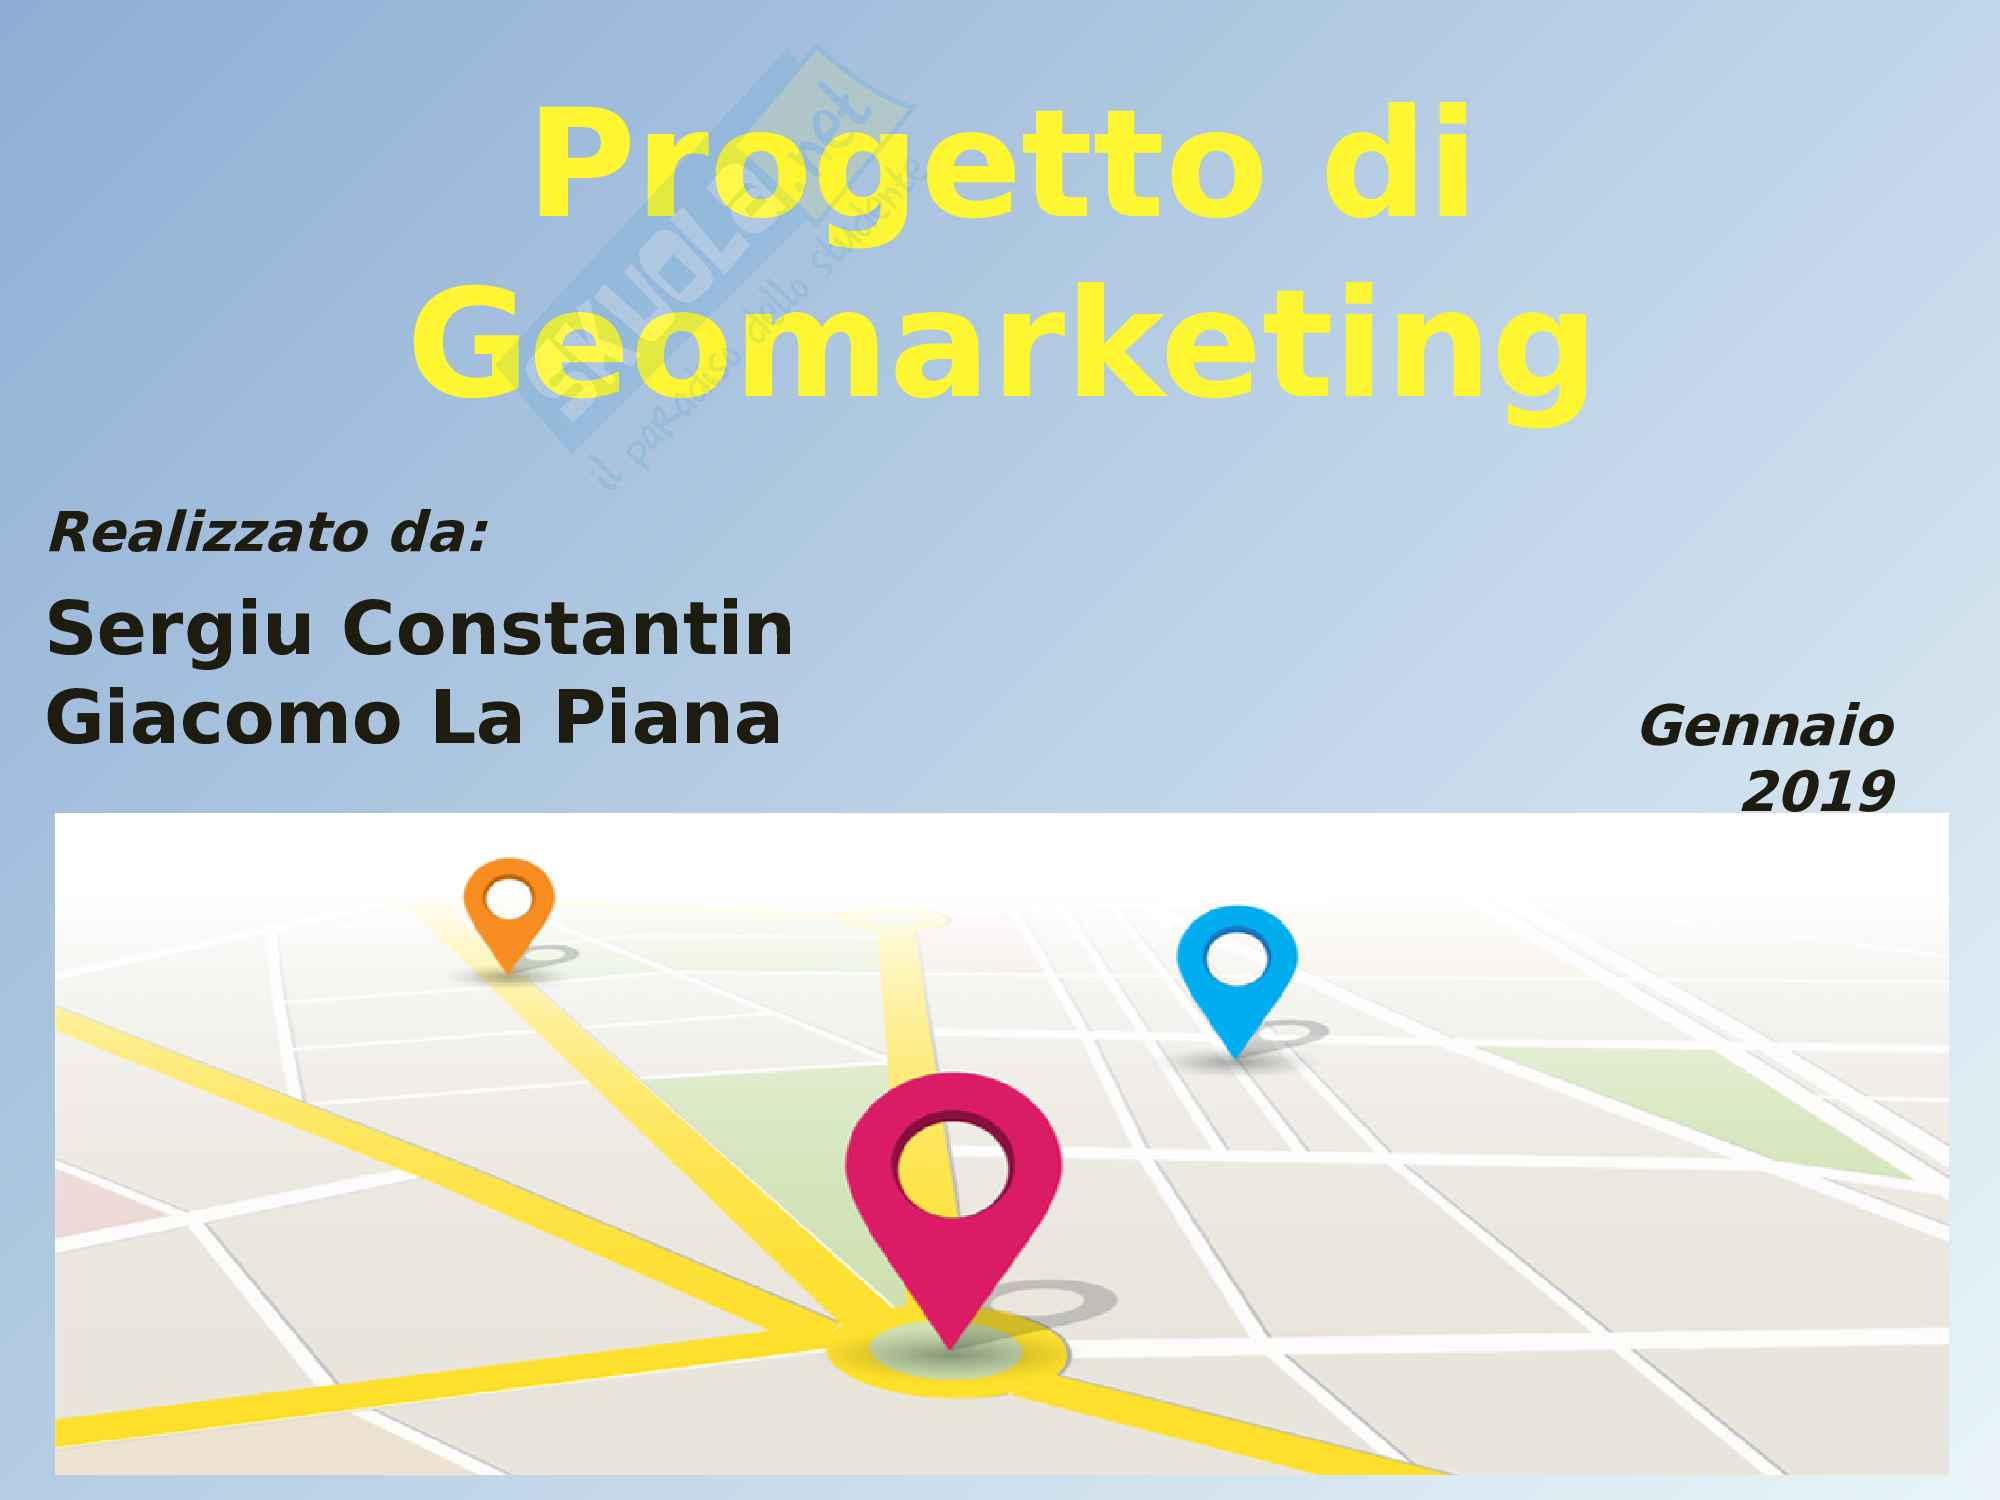 Progetto di Geomarketing